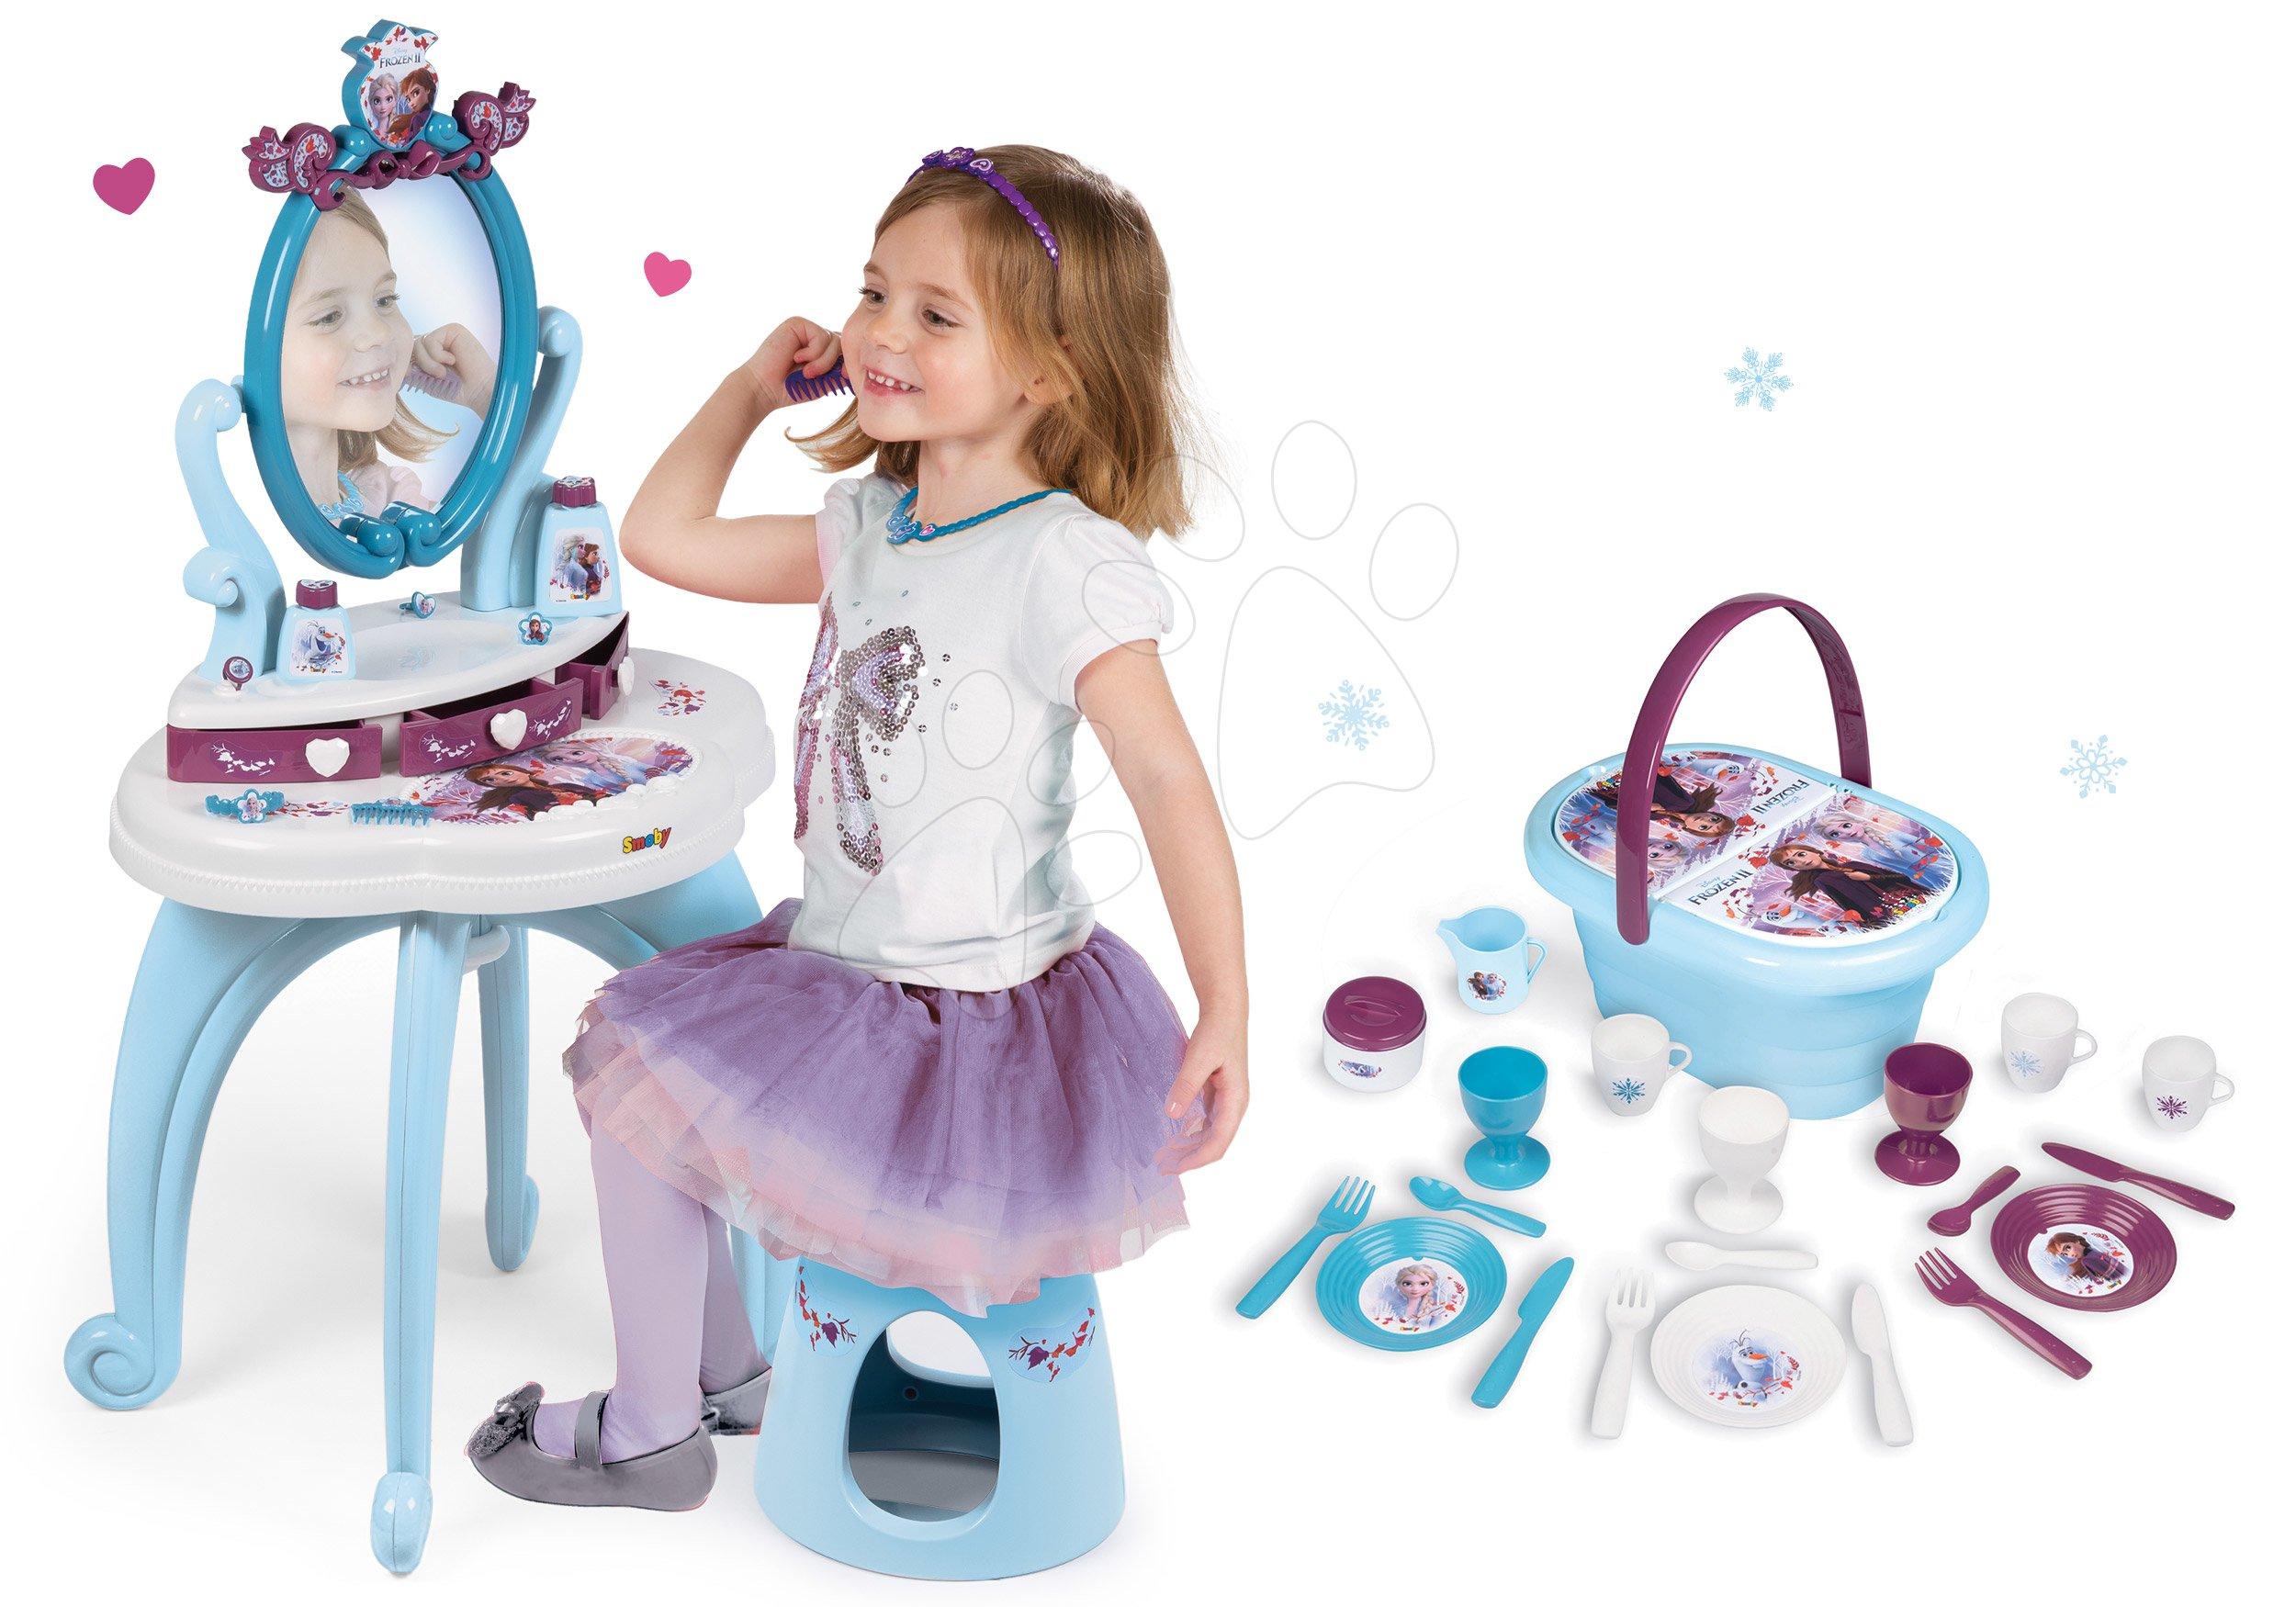 Smoby detský kozmetický stolík a piknikový košík Frozen 320214-13